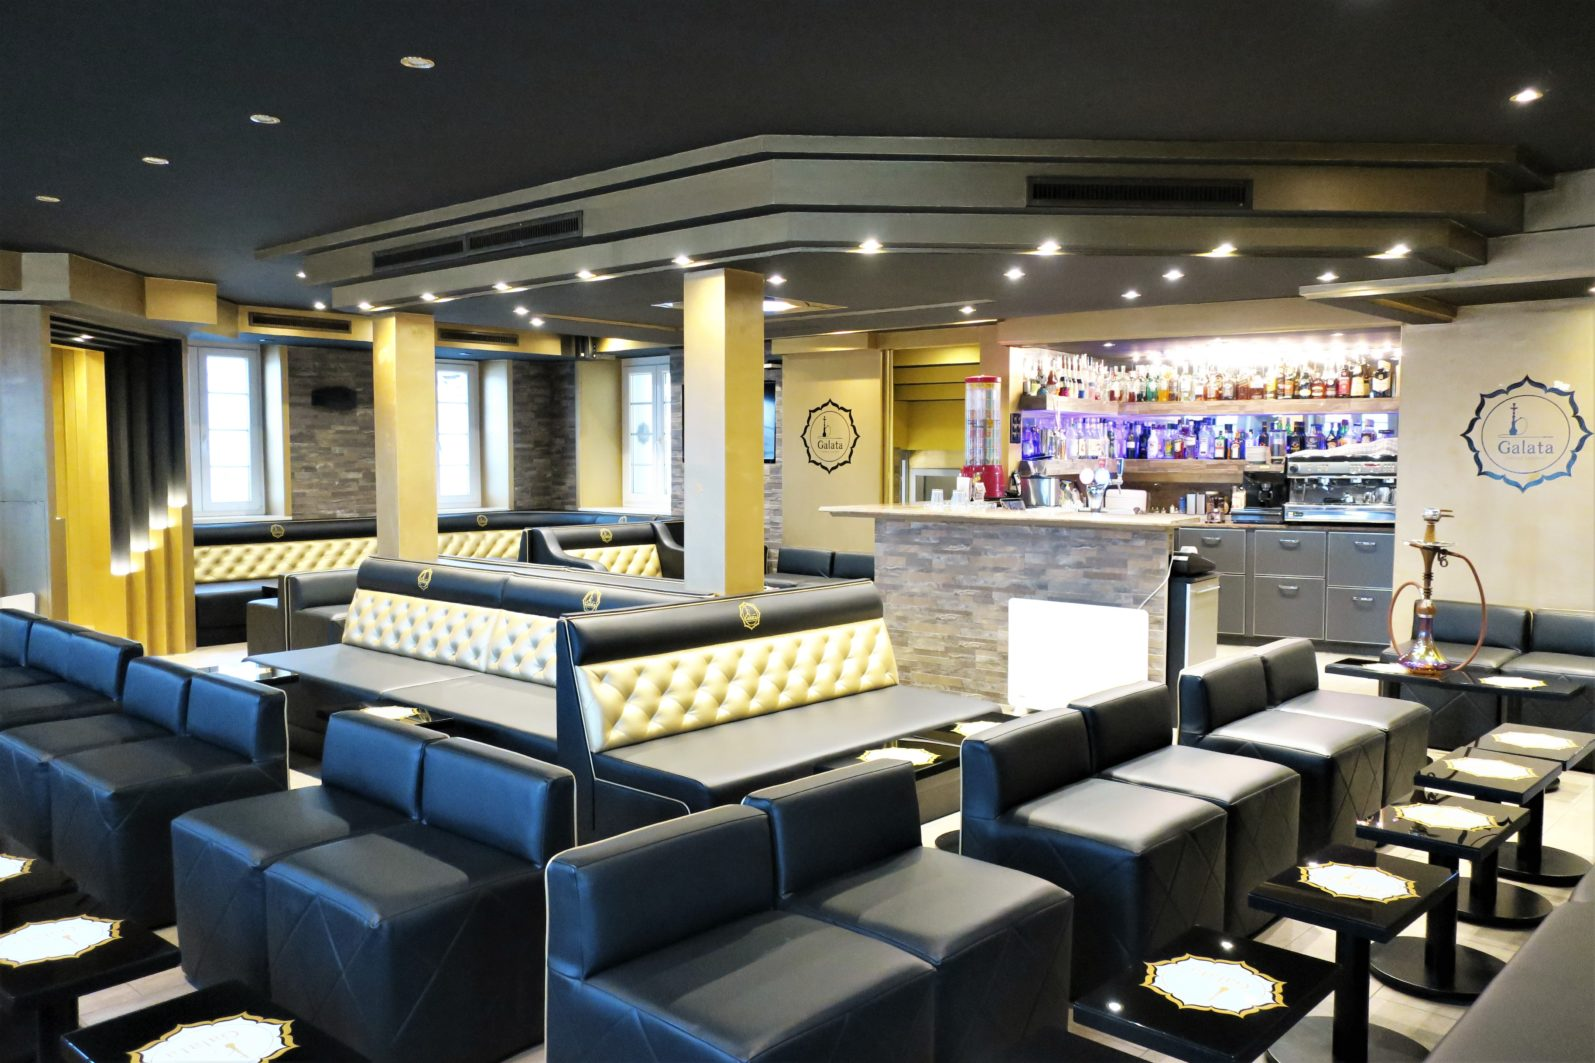 Galata Shisha Lounge Bar